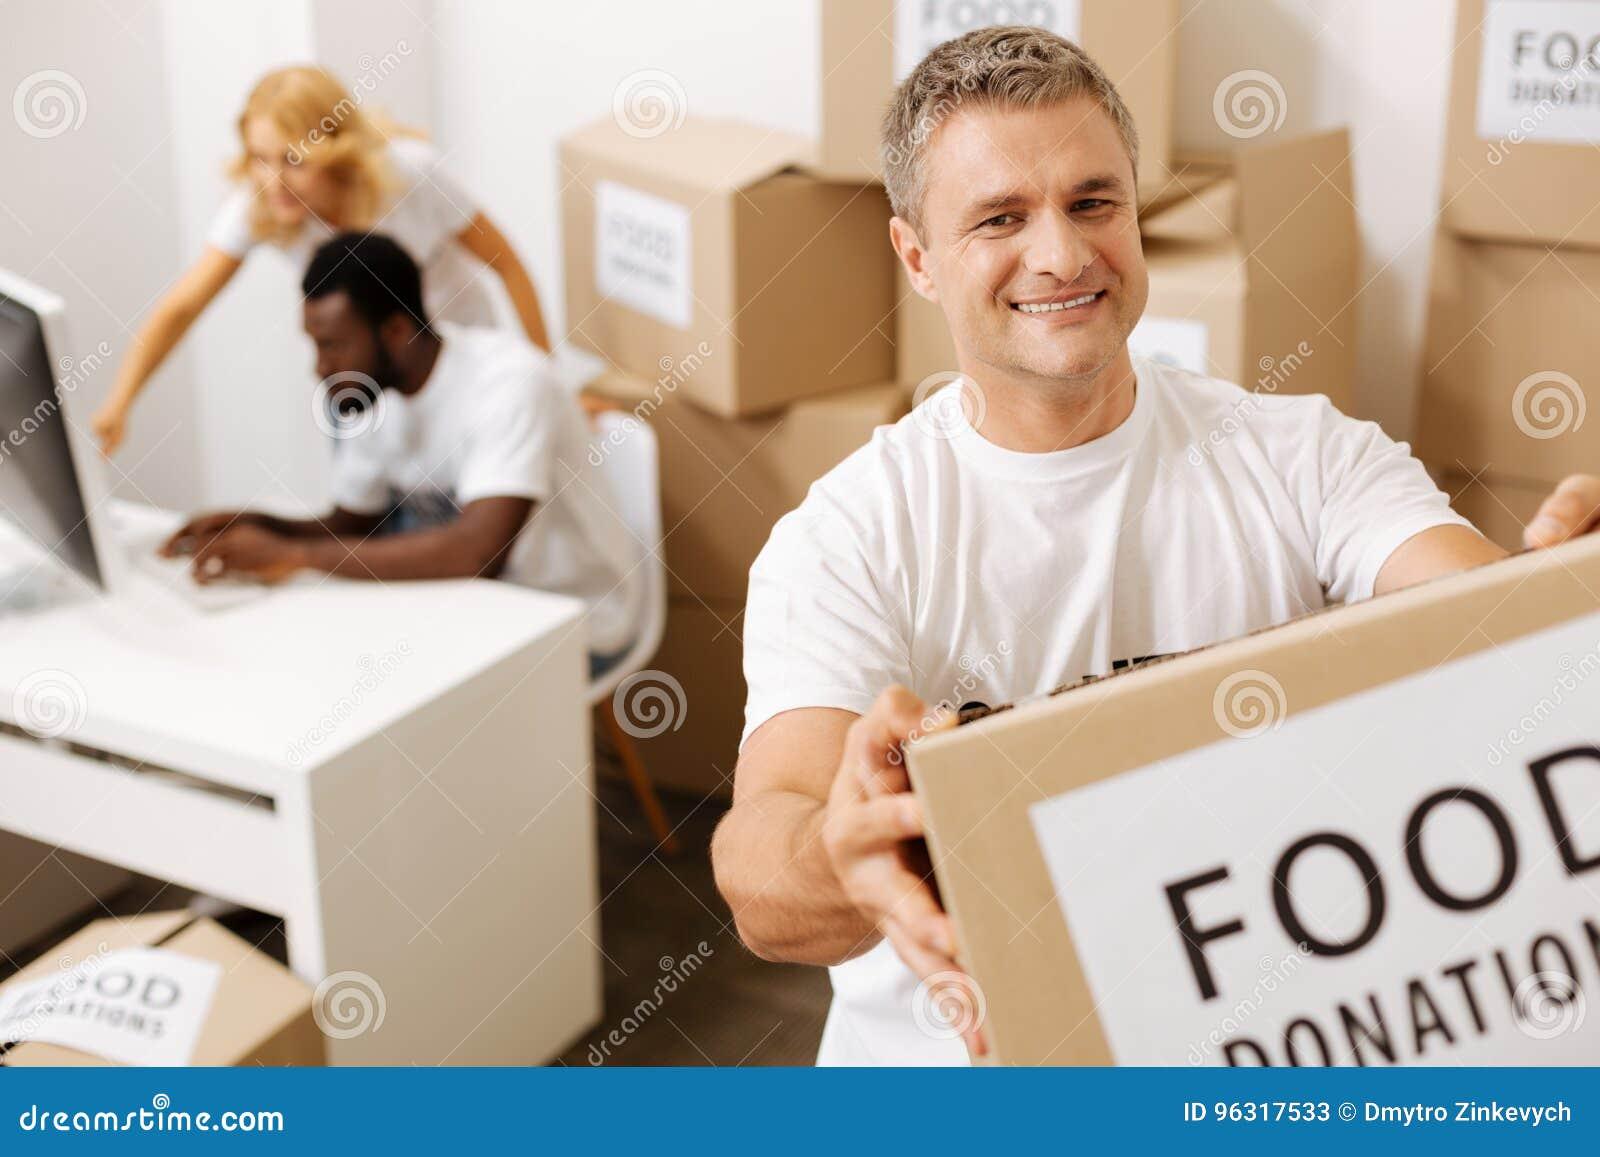 Dirigiremos éstos Hombres entusiastas sinceros aventureros que dedican su  tiempo al trabajo como voluntario y a enviar suministros de alimentos a  ésos en ... d4dbc4691b8